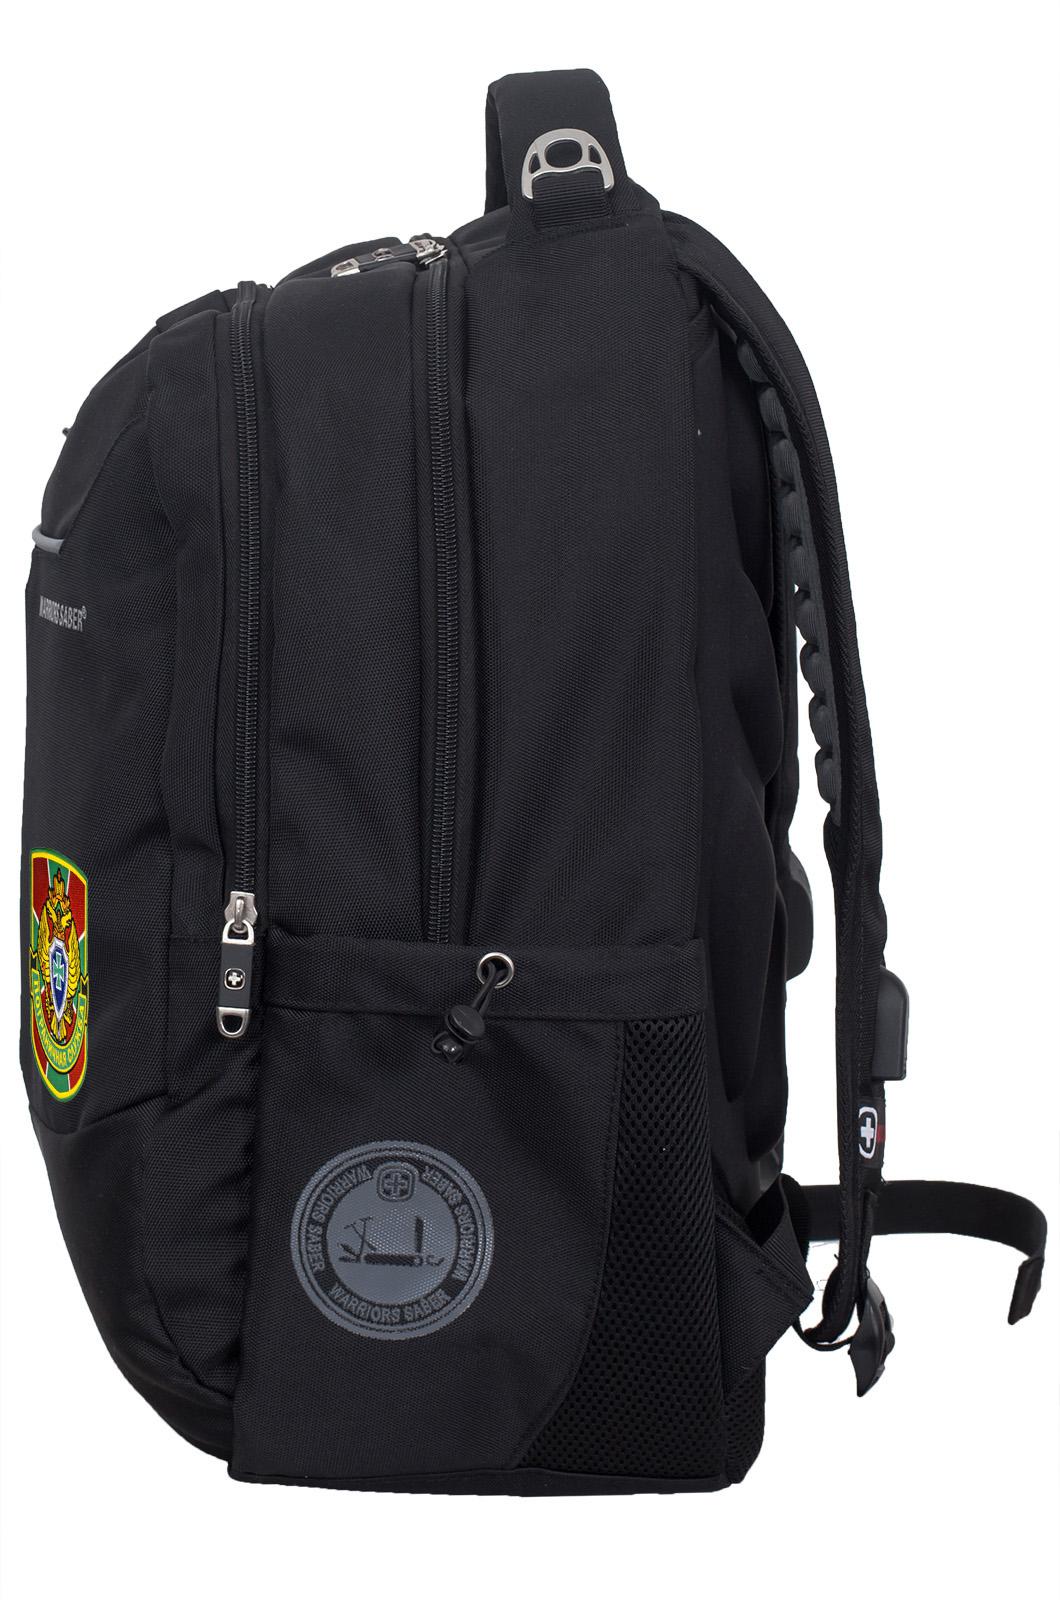 Черный мужской рюкзак с нашивкой Погранслужбы - купить оптом